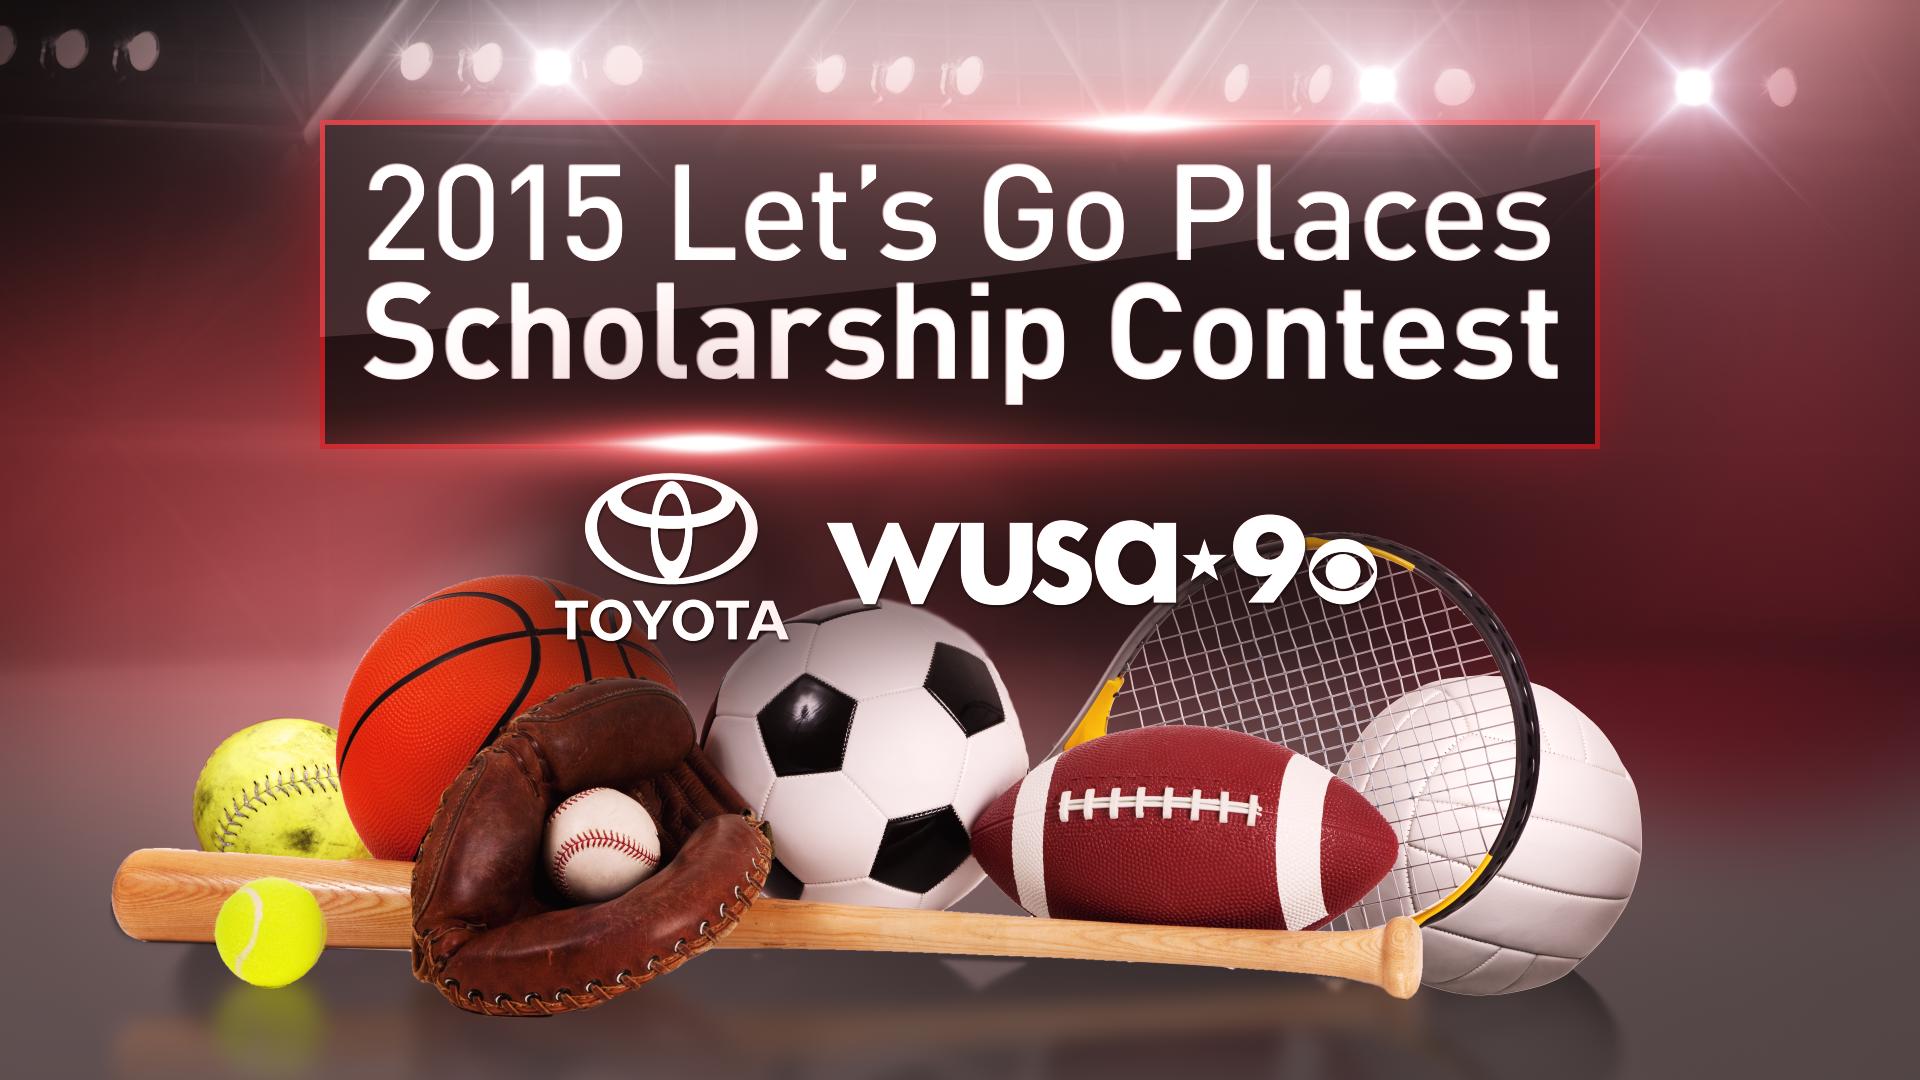 Enter the 2015 Let's Go Places Scholarship Contest.